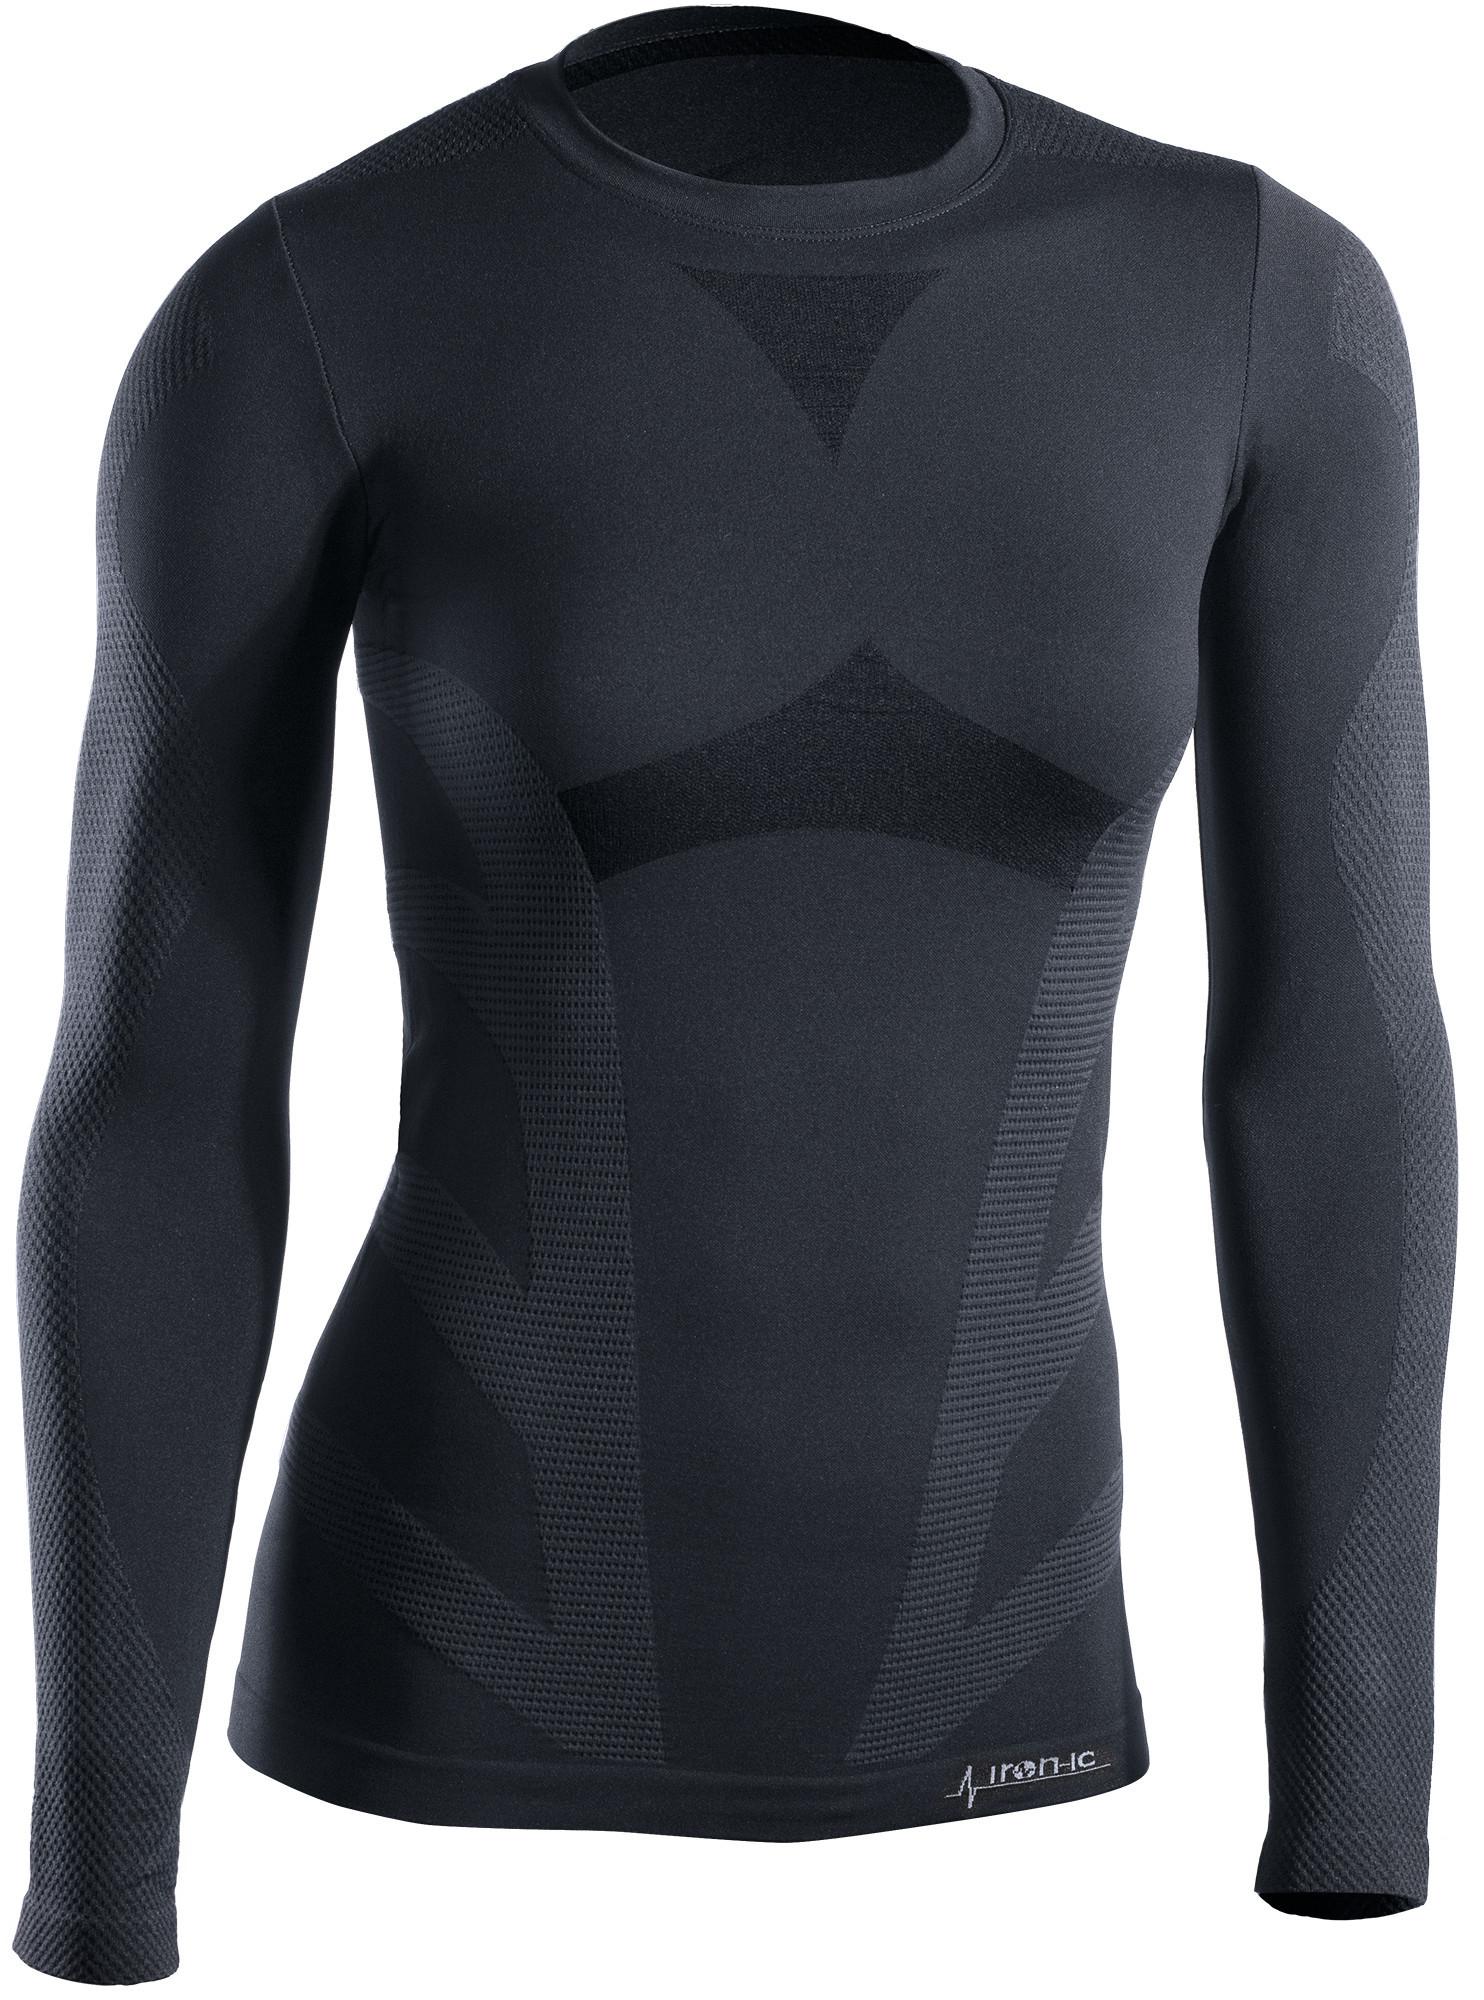 Dámske termo tričko s dlhým rukávom IRON-IC Farba: Čierna, Veľkosť S / M